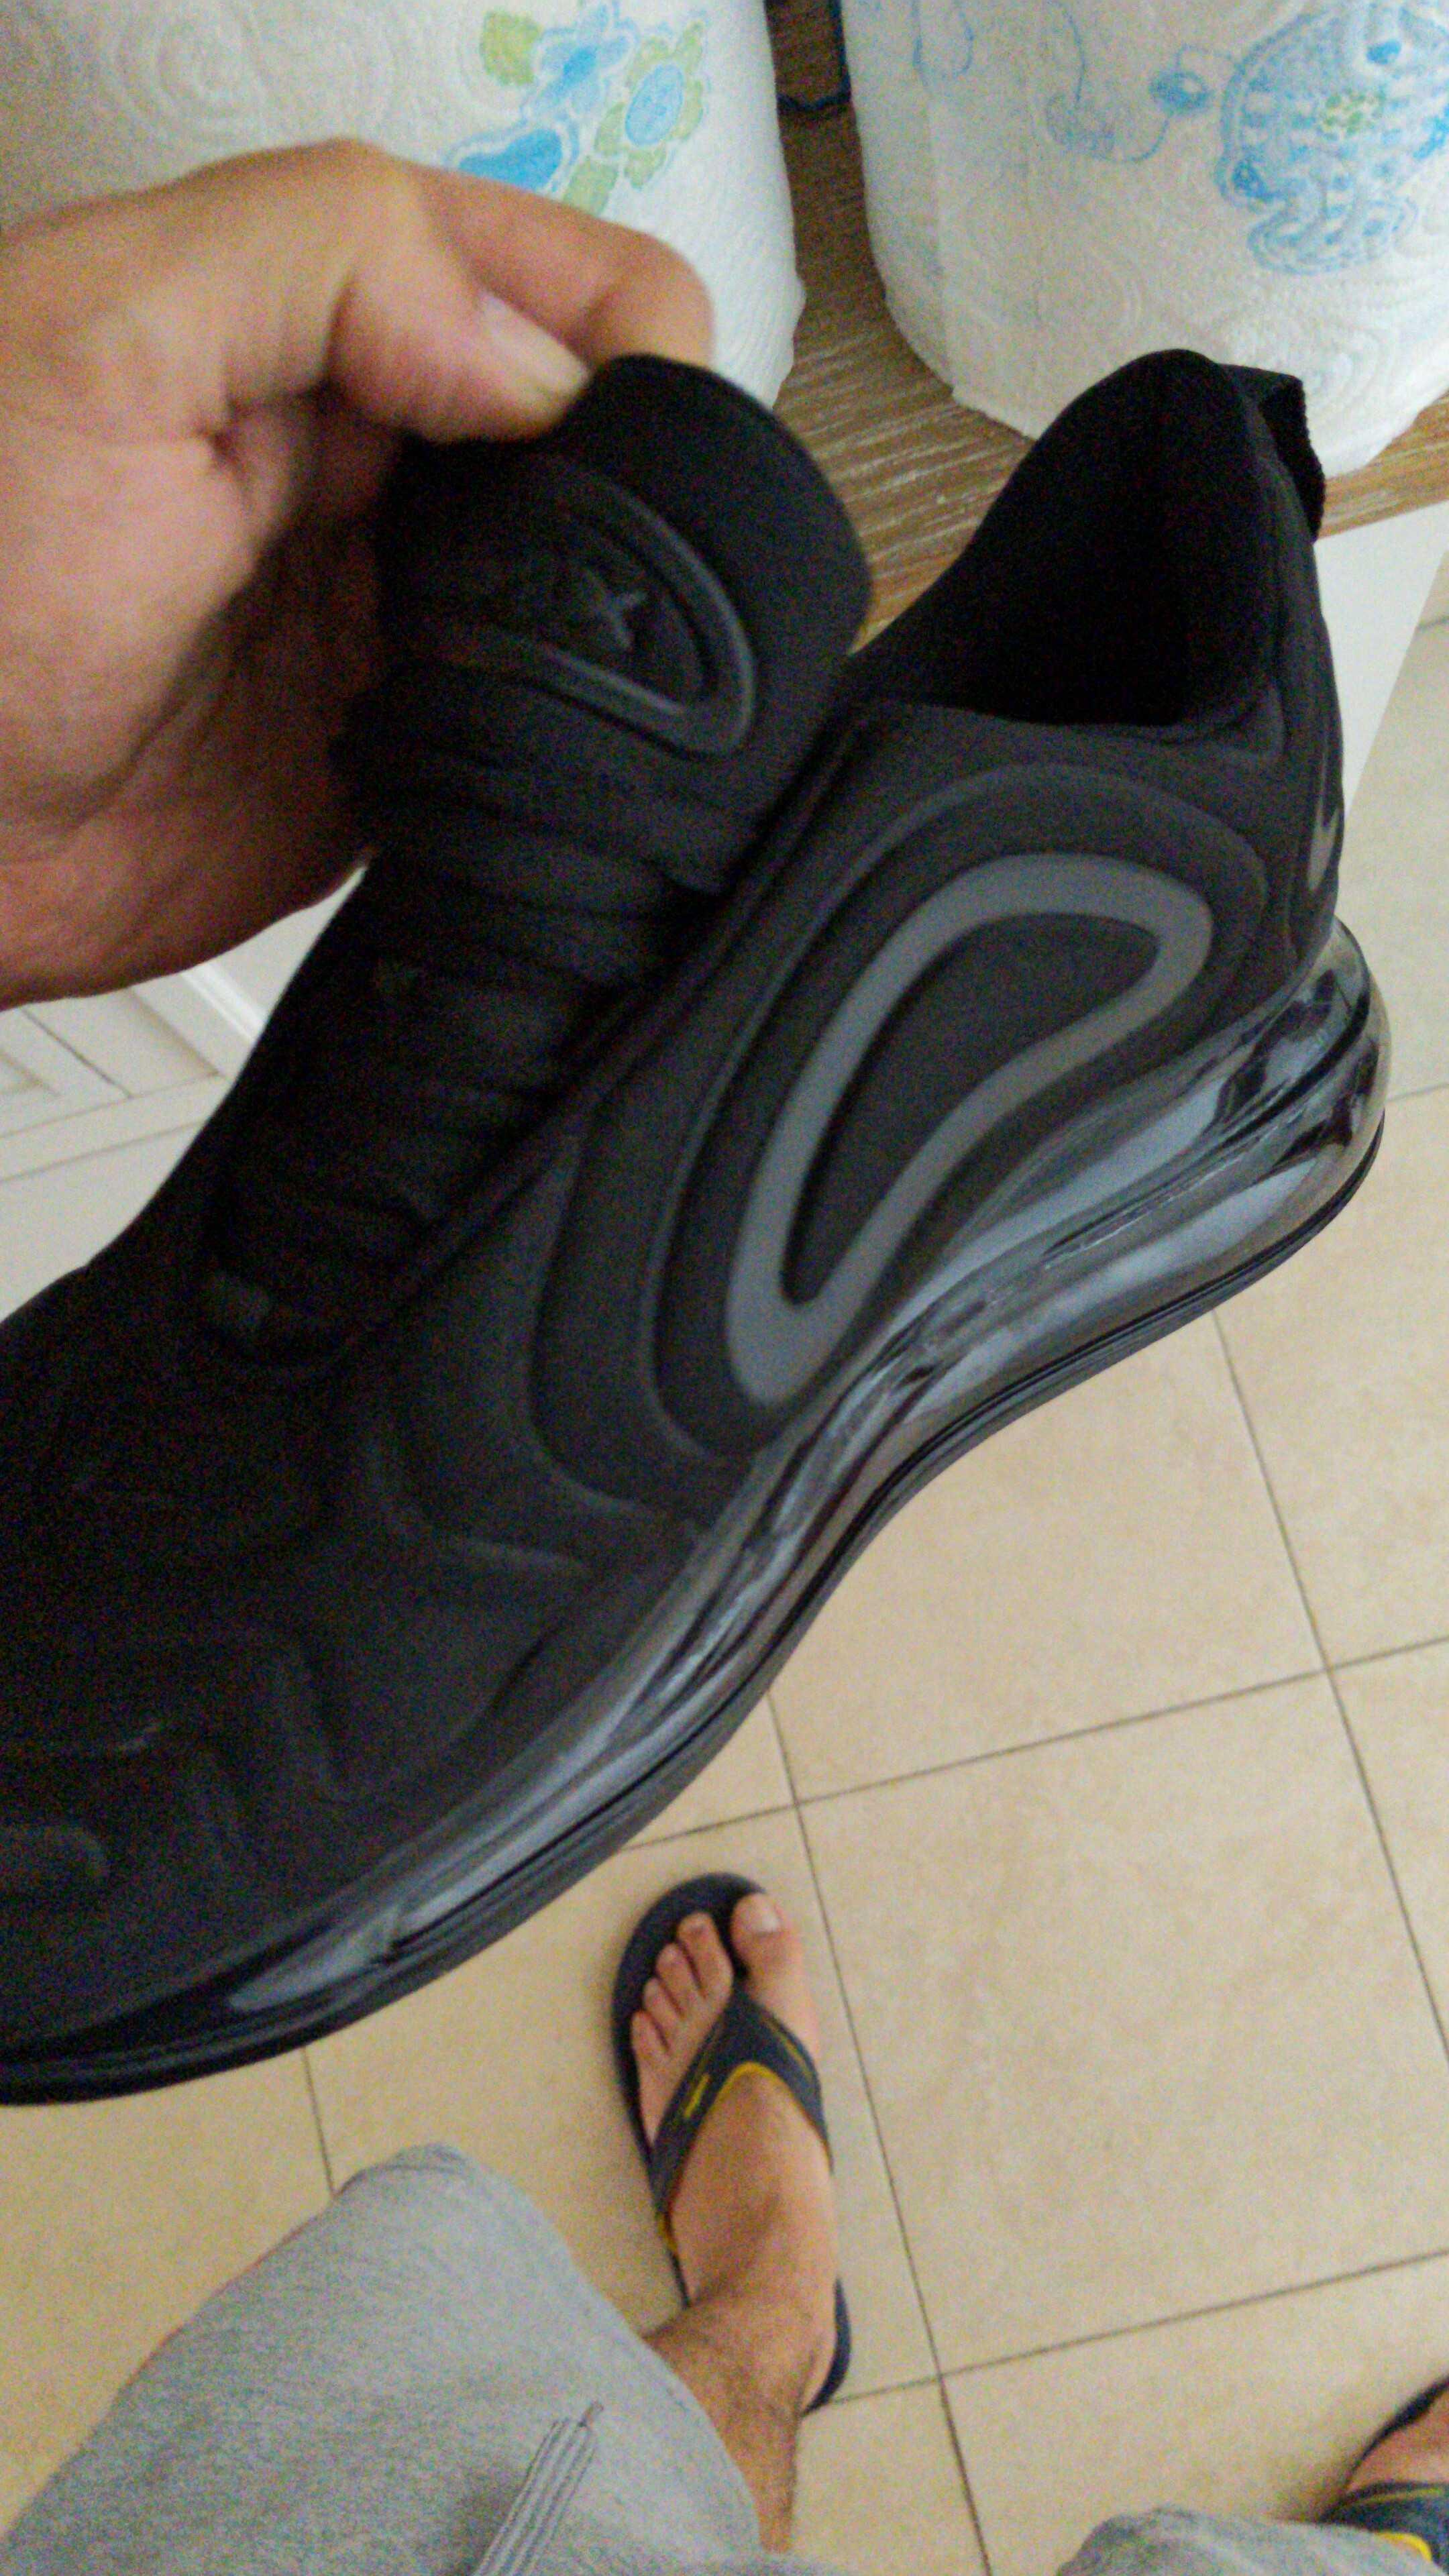 Acheter Avec Boîte 2019 Nike Air Max 720 cheapcasual